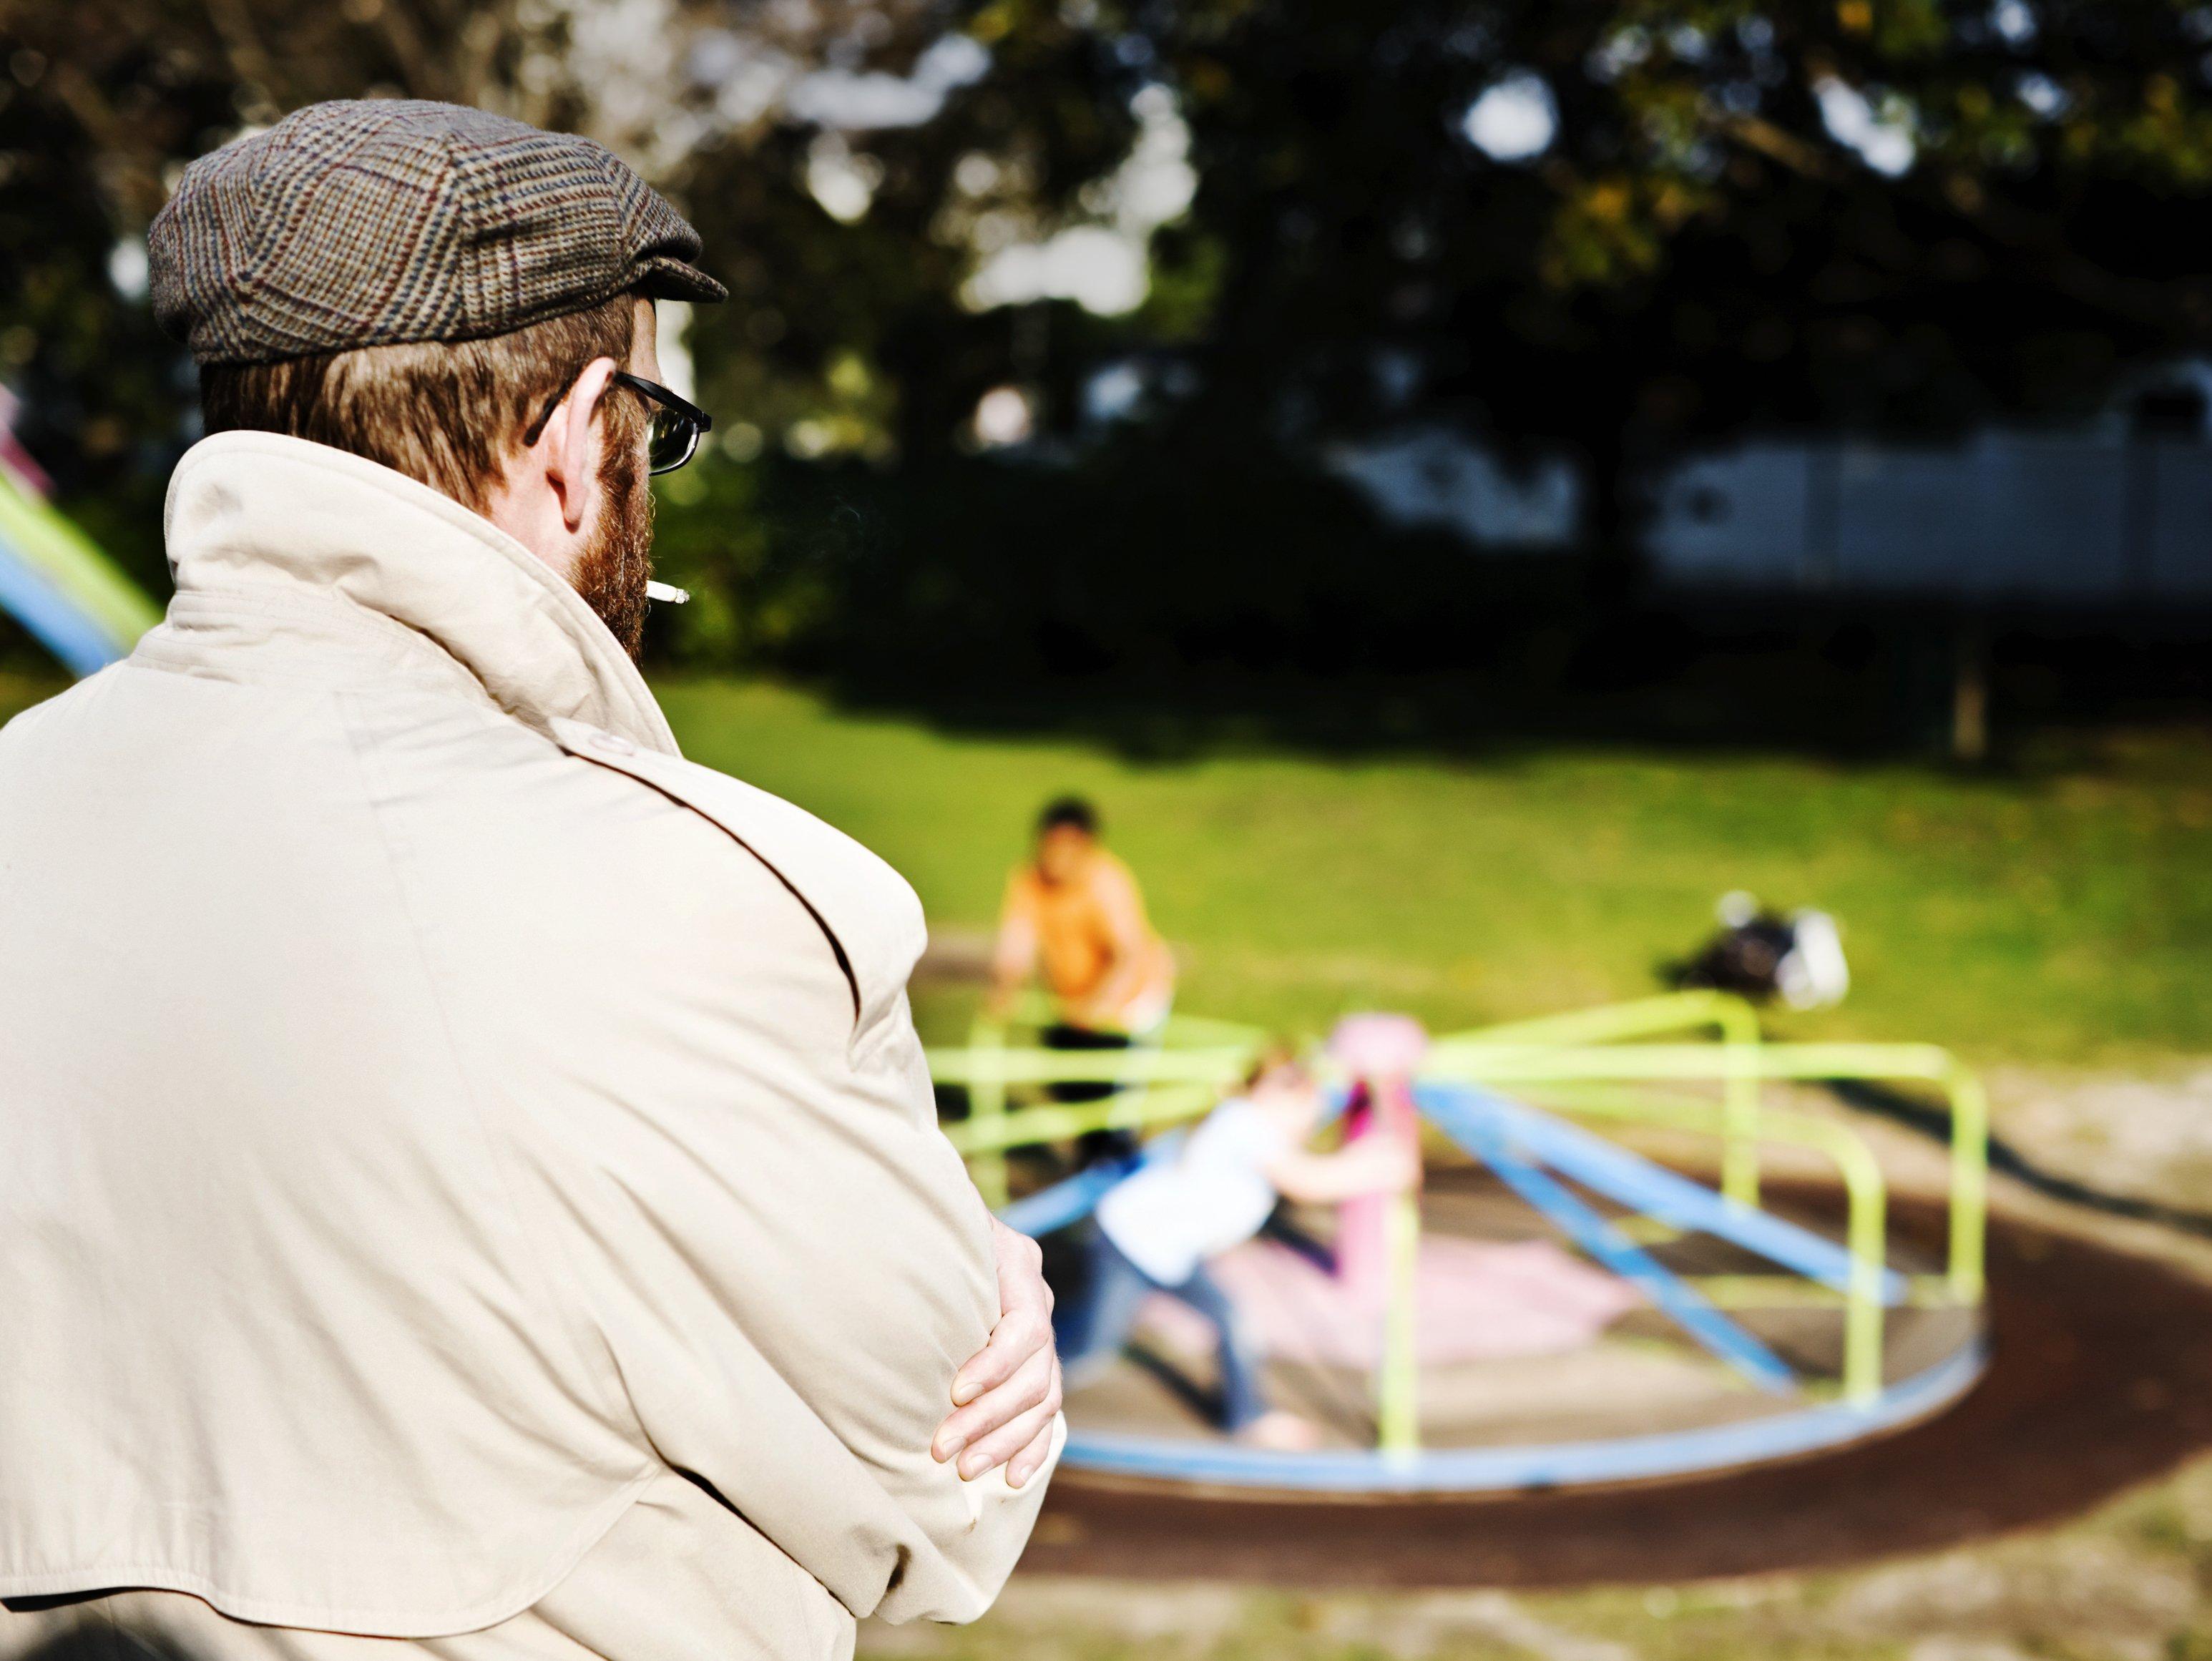 Stranger Danger Teaching Children About Dangerous